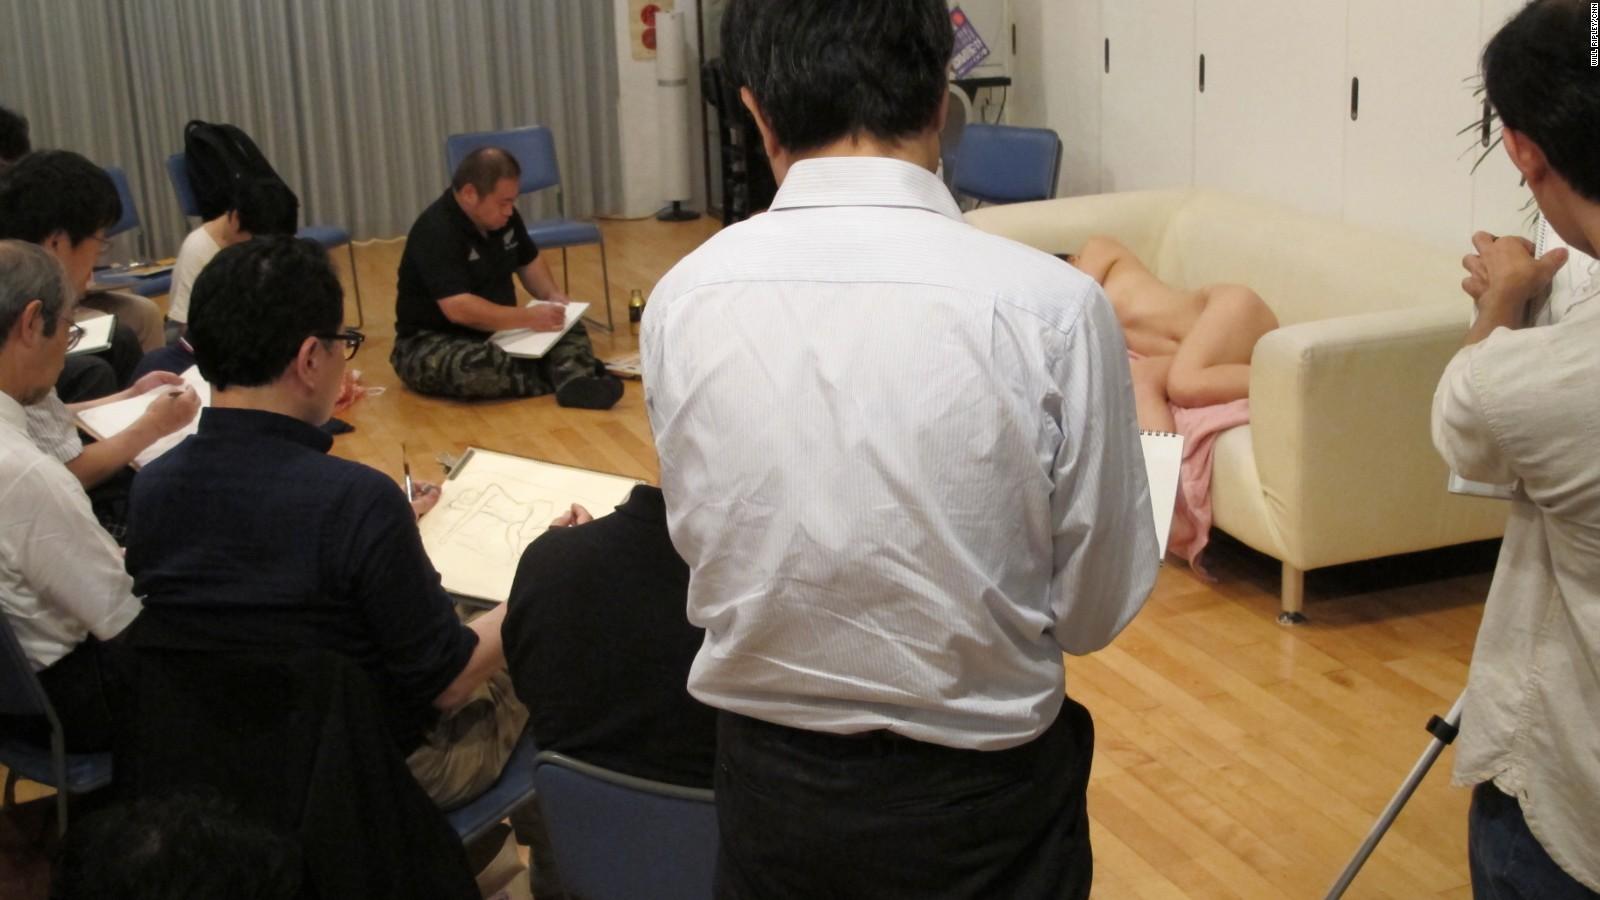 Japanese loosing virginity